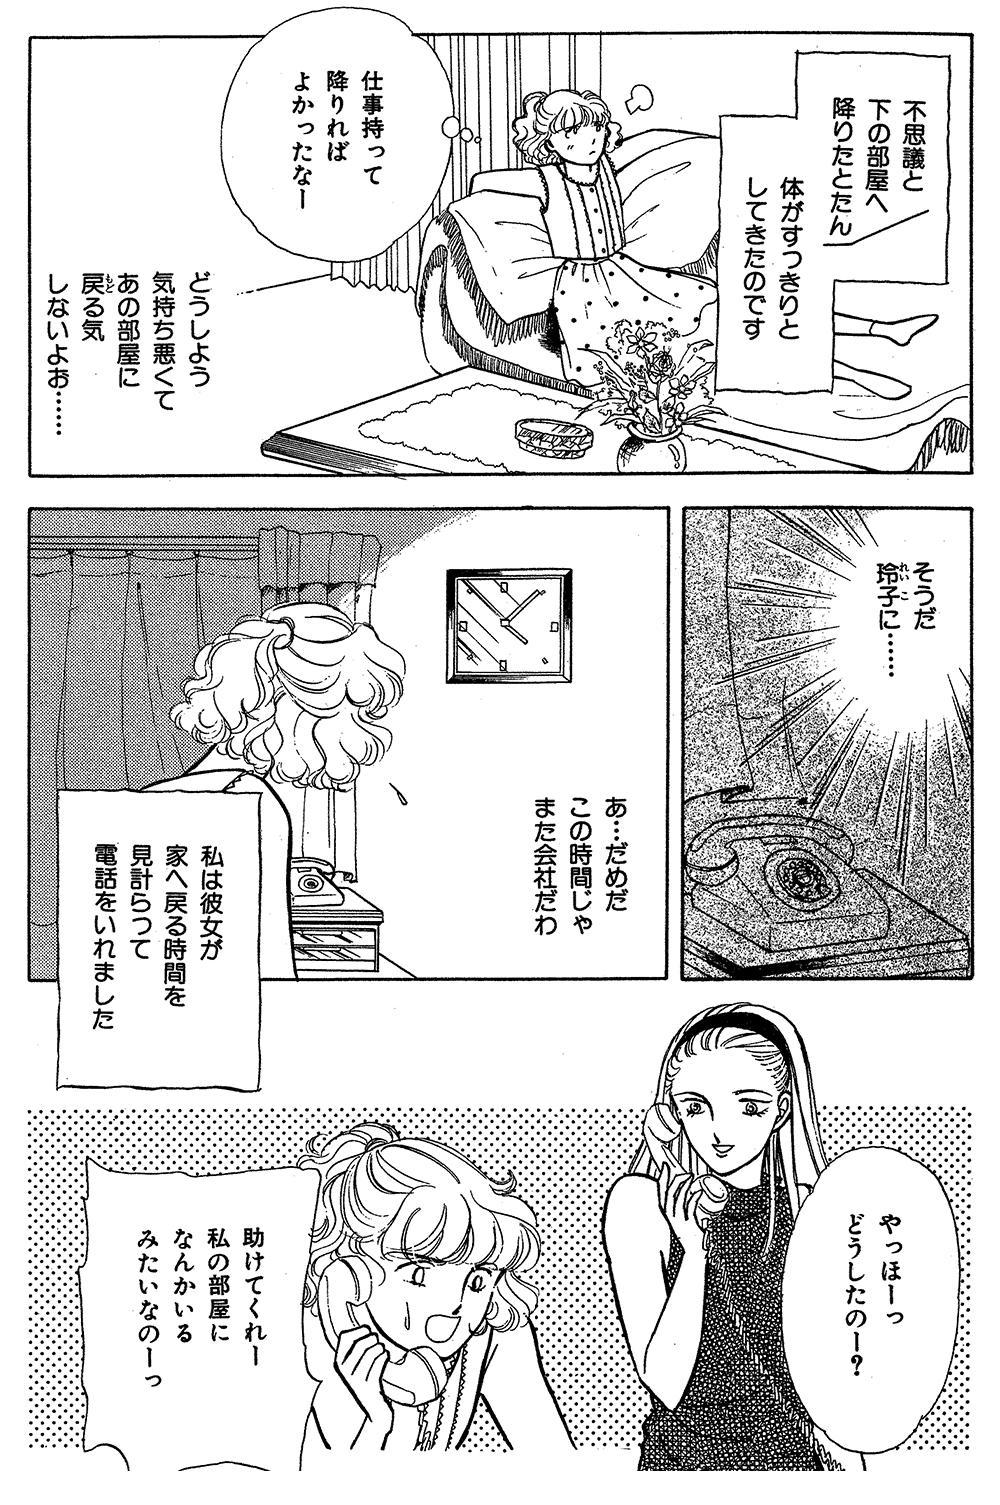 魔百合の恐怖報告 第1話「部屋の隅の白い影」②mayuri20.jpg